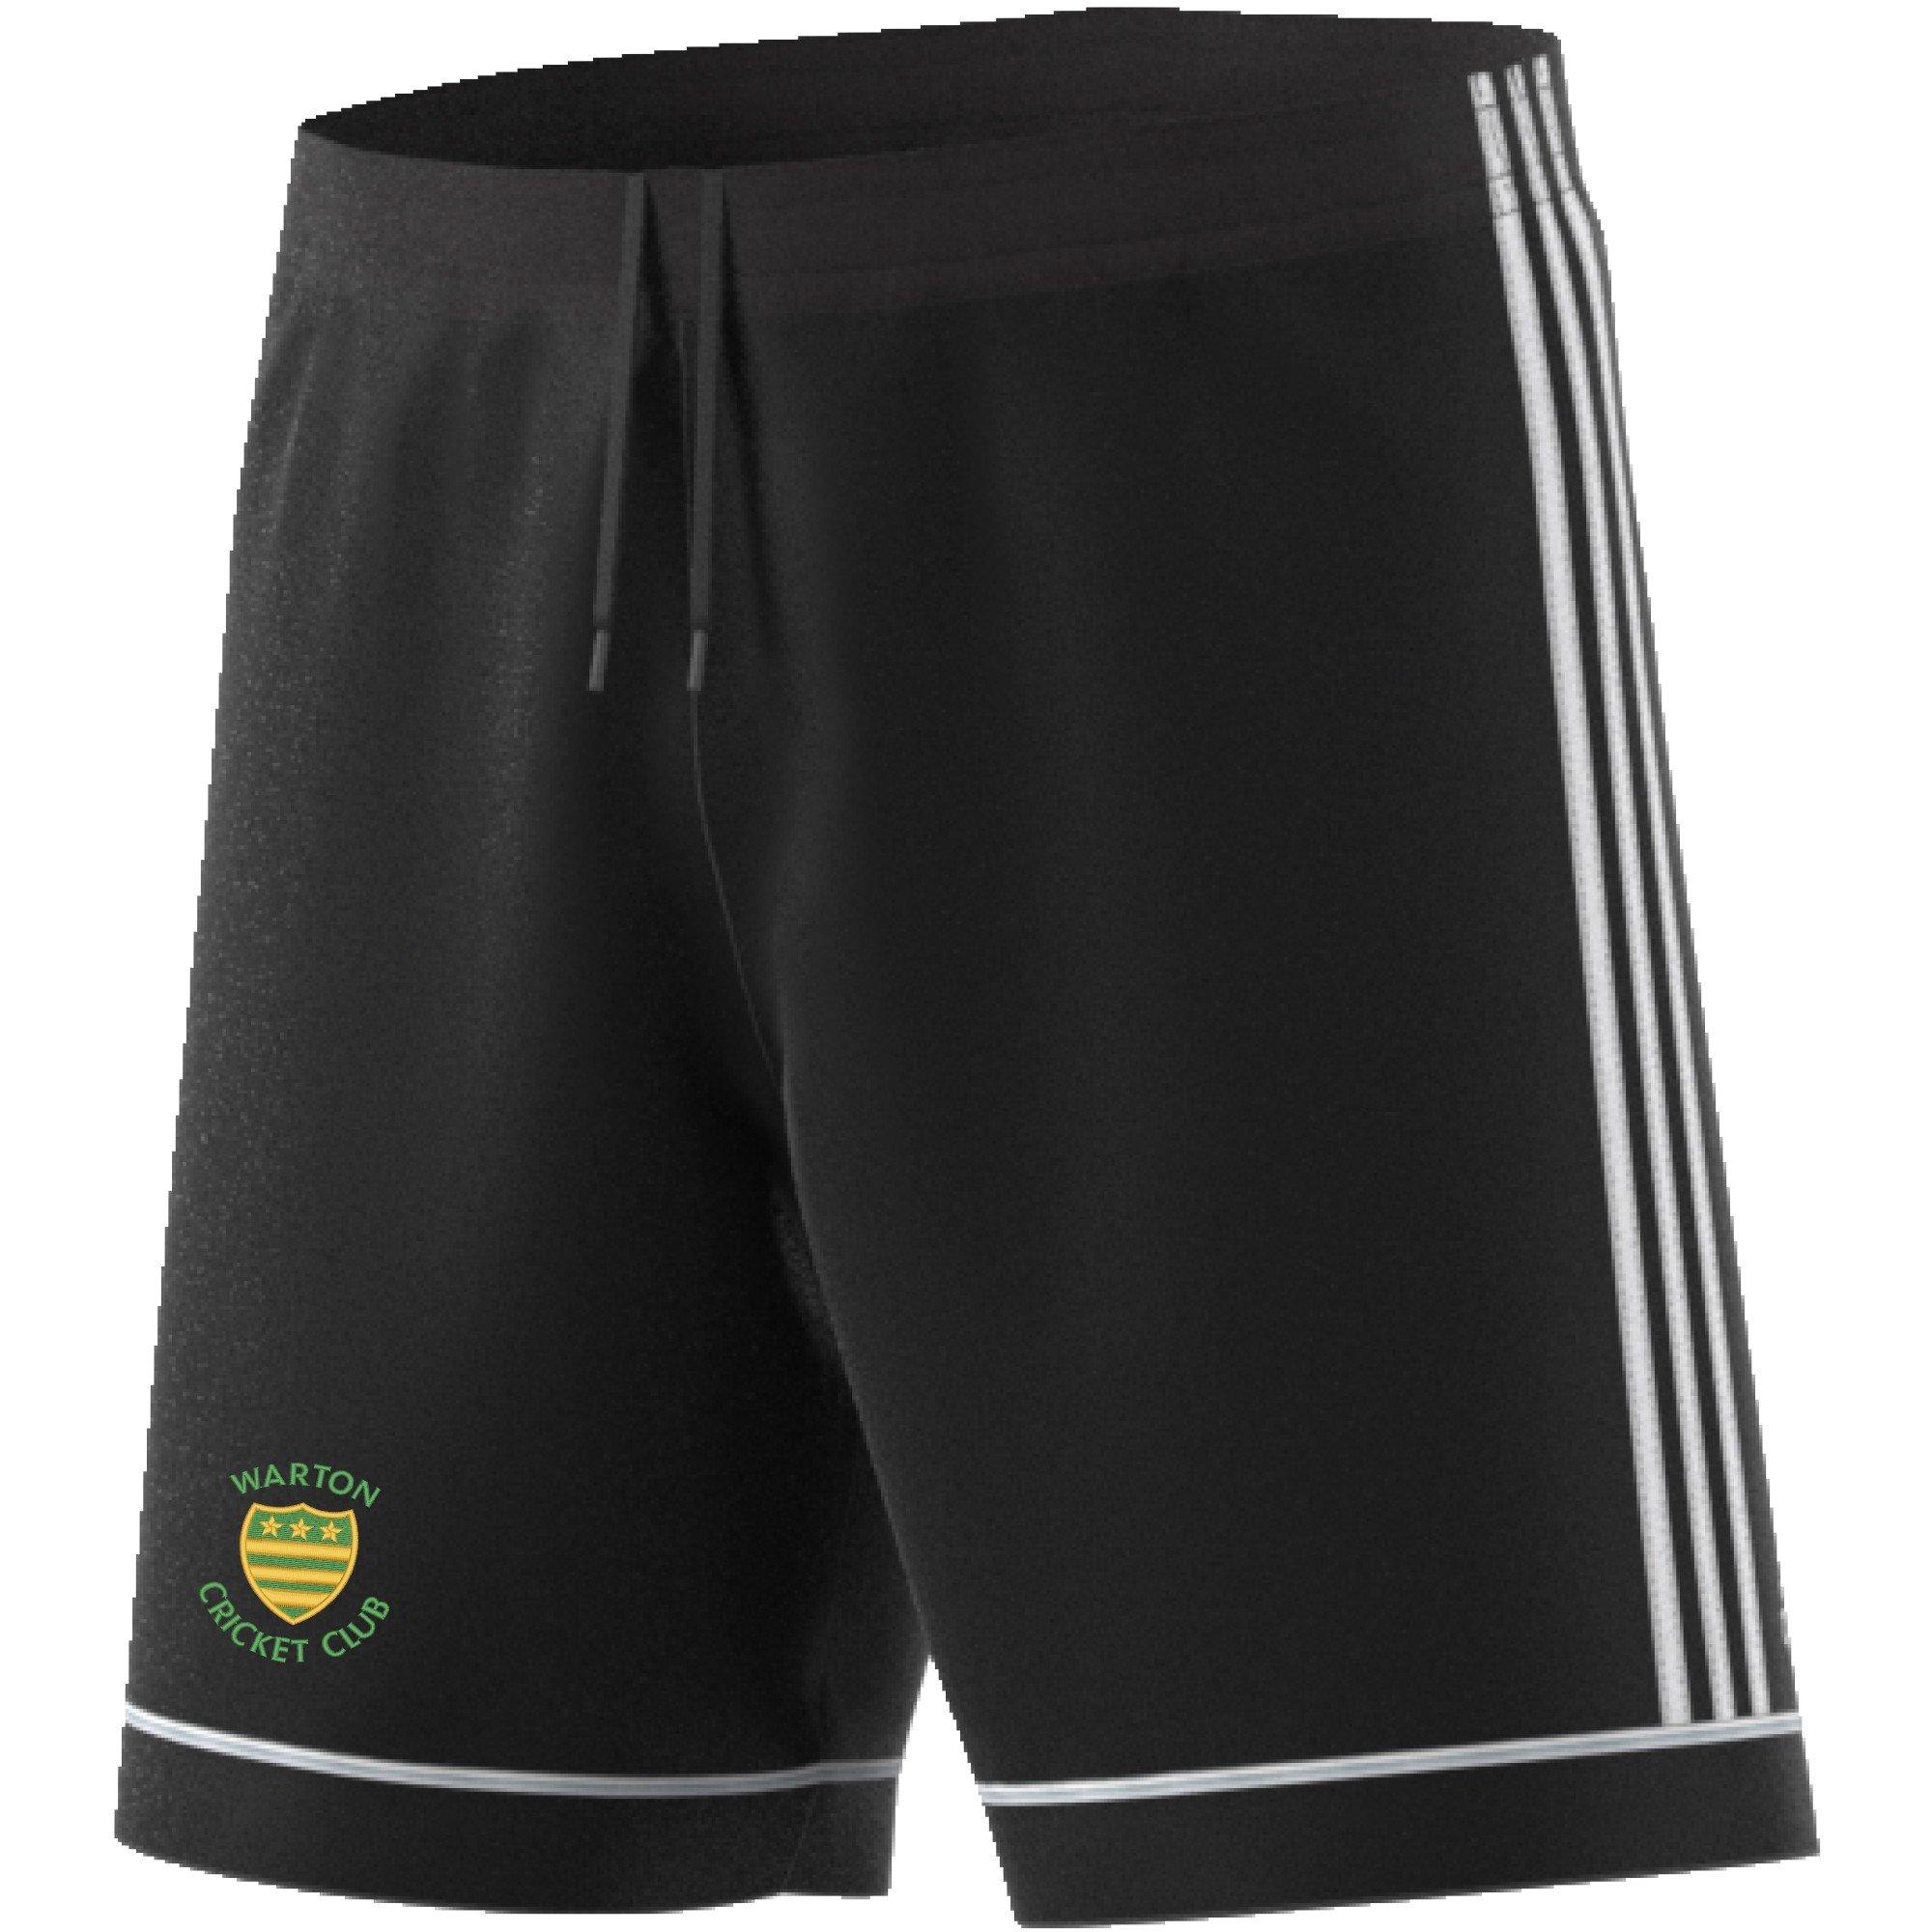 Warton CC Adidas Black Junior Training Shorts